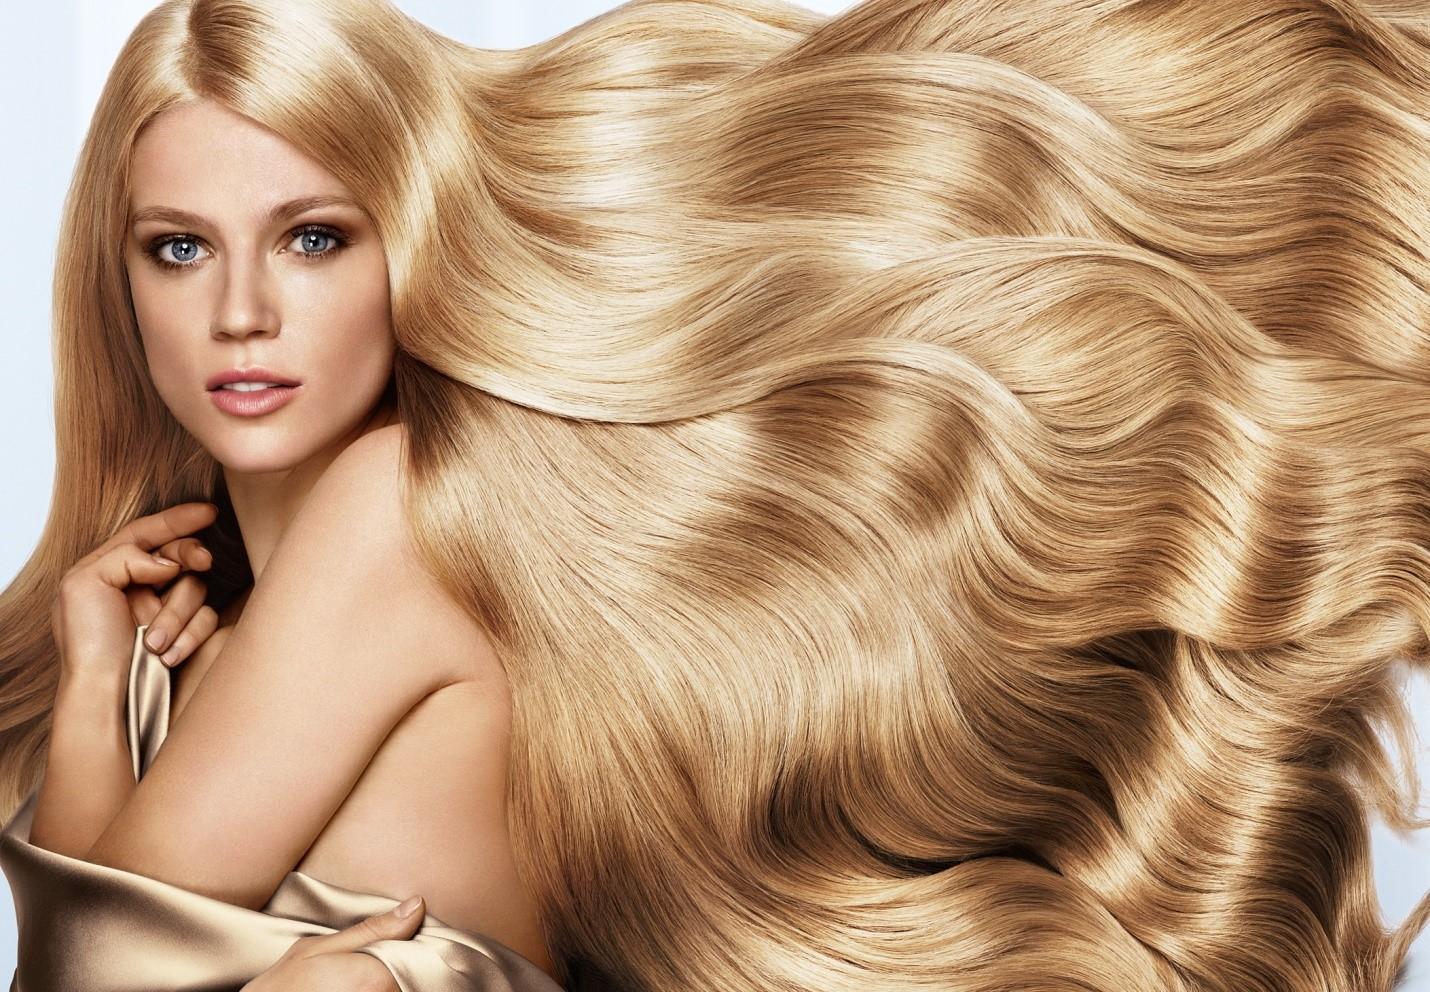 роскошные волосы - это всегда красиво